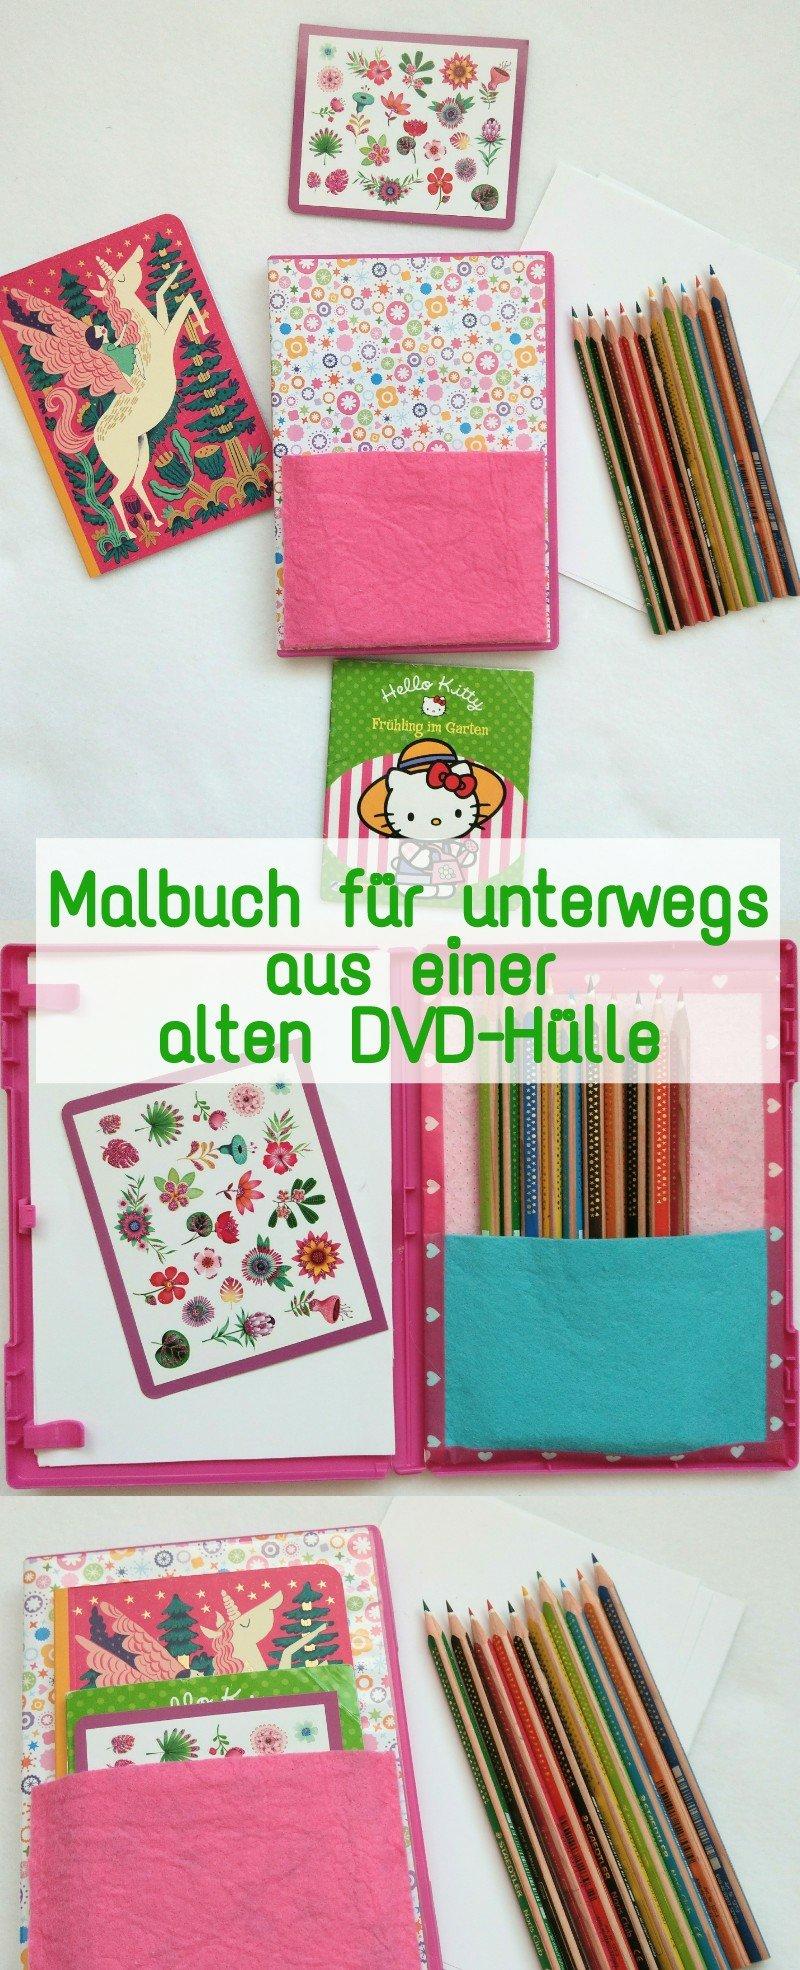 Ein Malbuch für Kinder lässt sich einfach und schnell aus einer alten DVD Hülle basteln. In meiner DIY Schritt für Schritt Anleitung zeige ich euch wie ihr das Malbuch selber machen könnt. Tolle Idee für unterwegs.